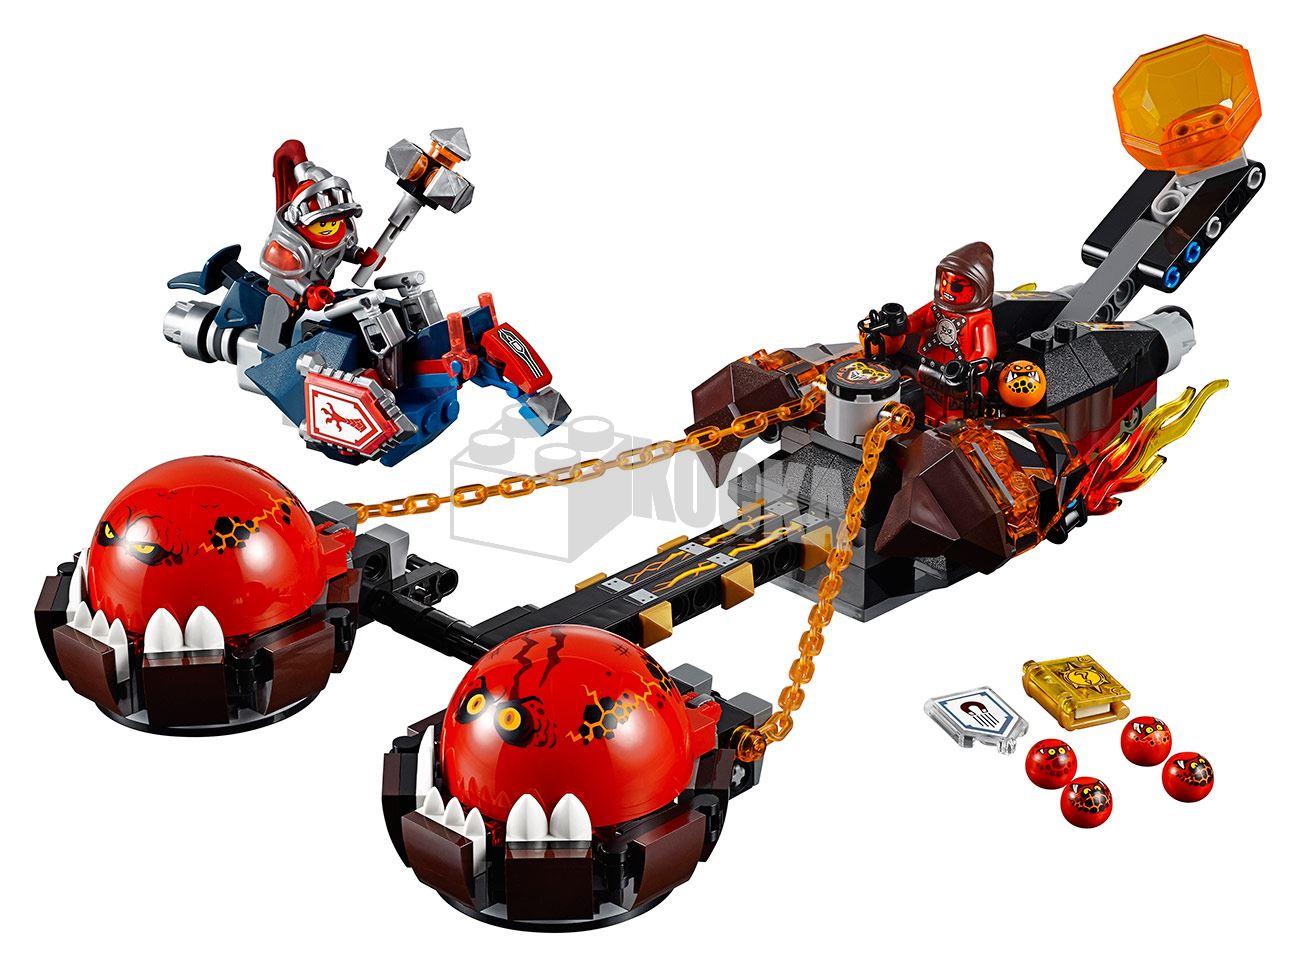 Toàn bộ bộ ghép hình Lego Nexo Knights 70314 - Xe Kéo Hủy Diệt sau khi hoàn thành